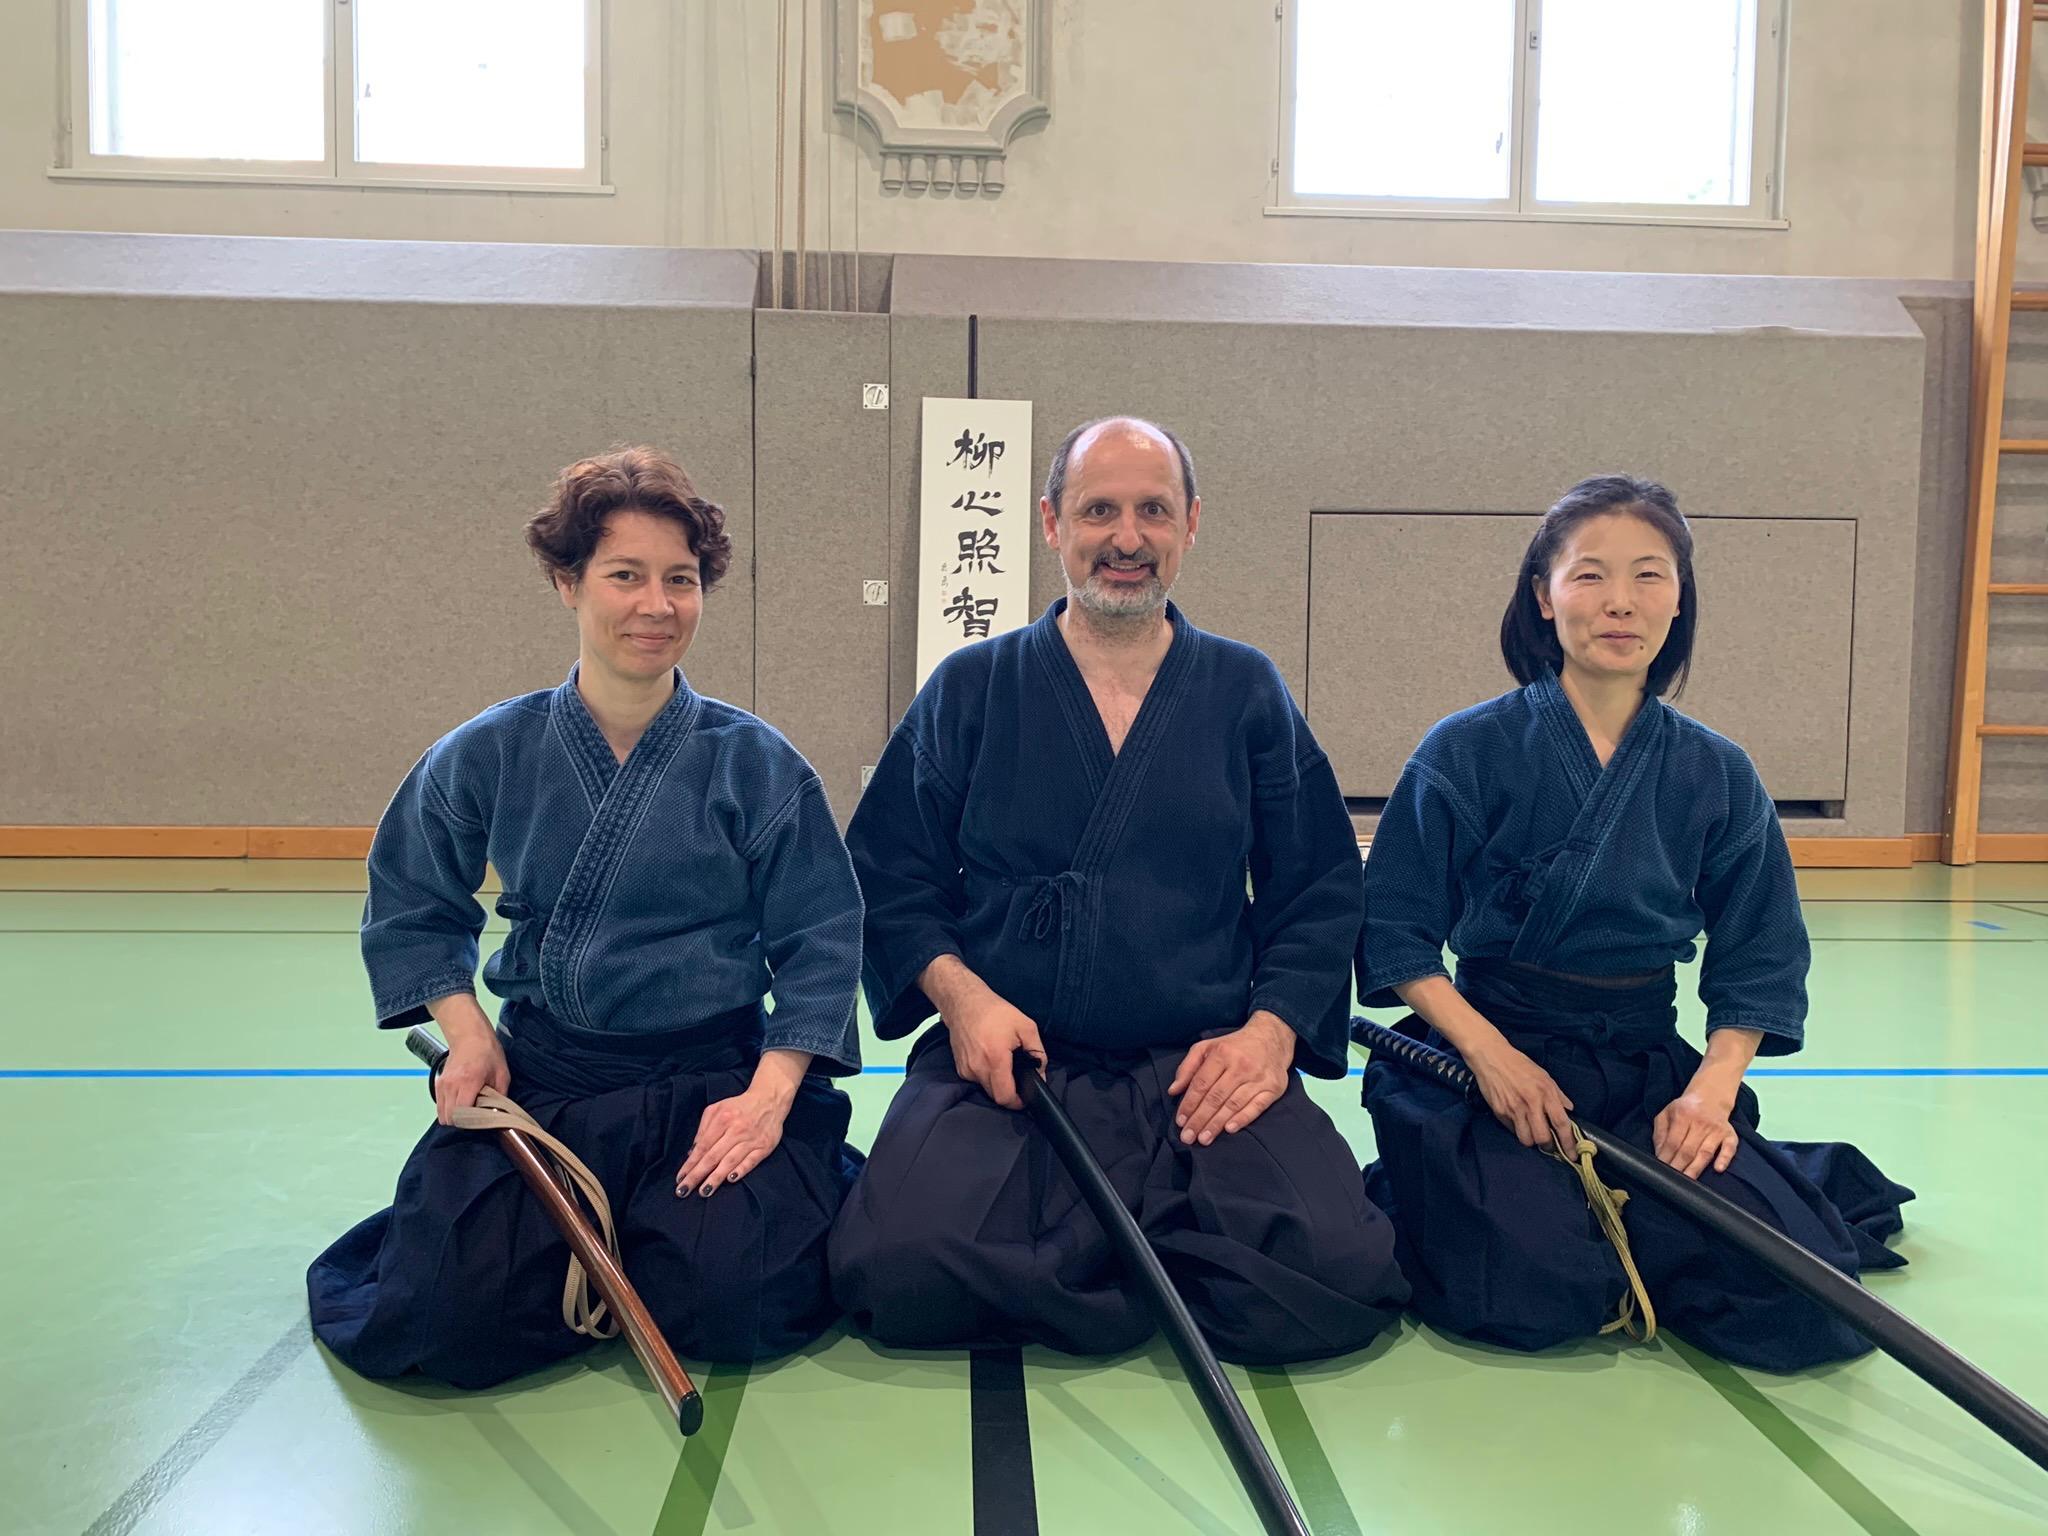 Das Lehrerteam: Elisabeth Fürst, Wolfgang Fürst und Akiko Kikuchi